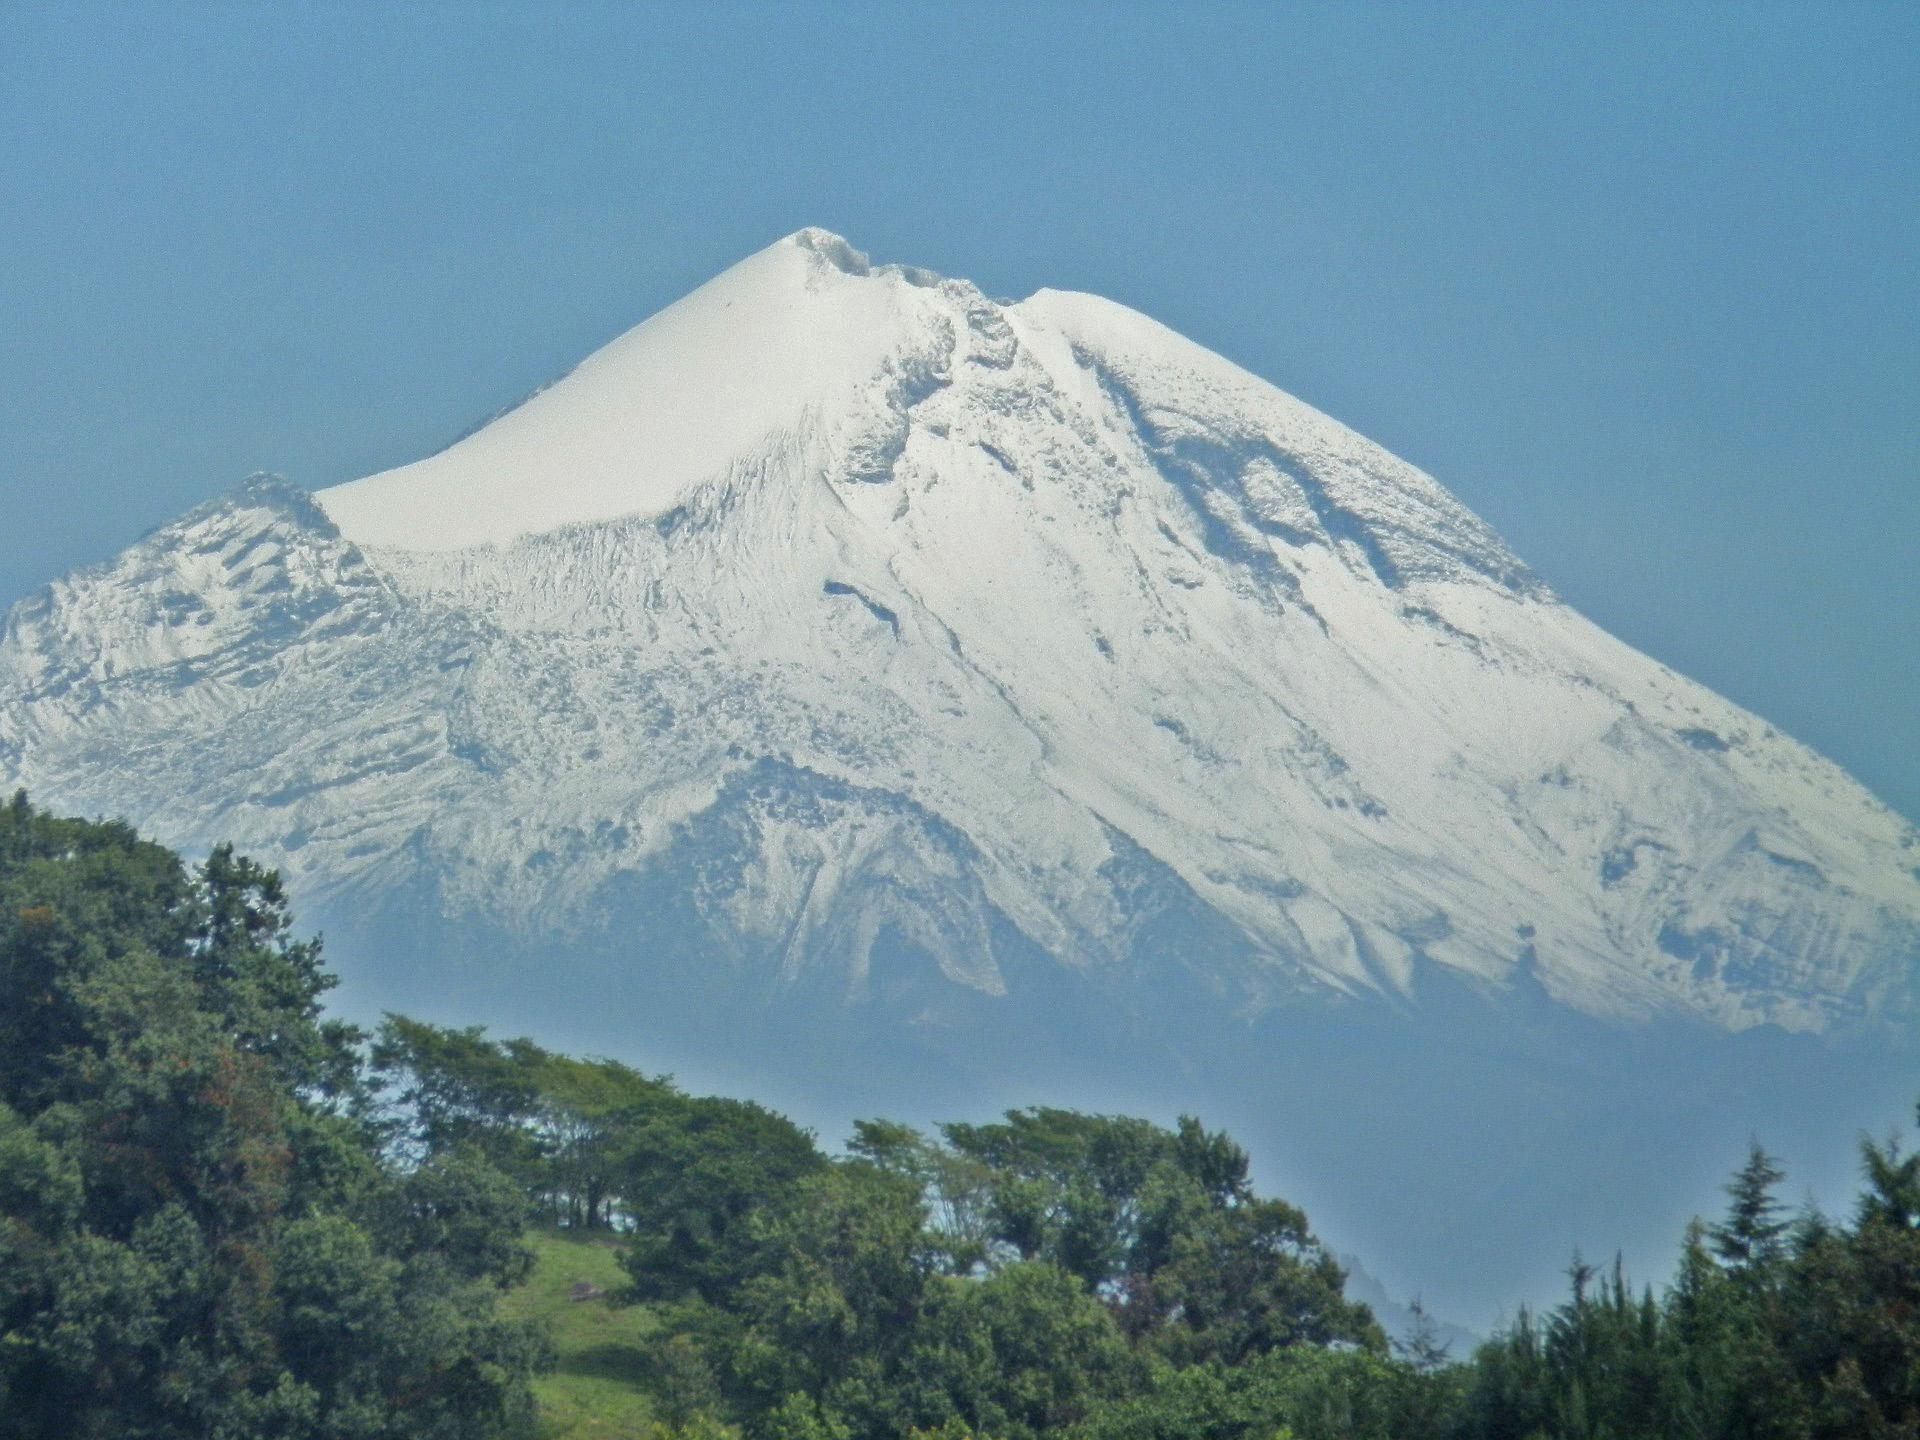 El Pico de Orizaba, también conocido como Citlaltépetl, es la montaña más alta de México.